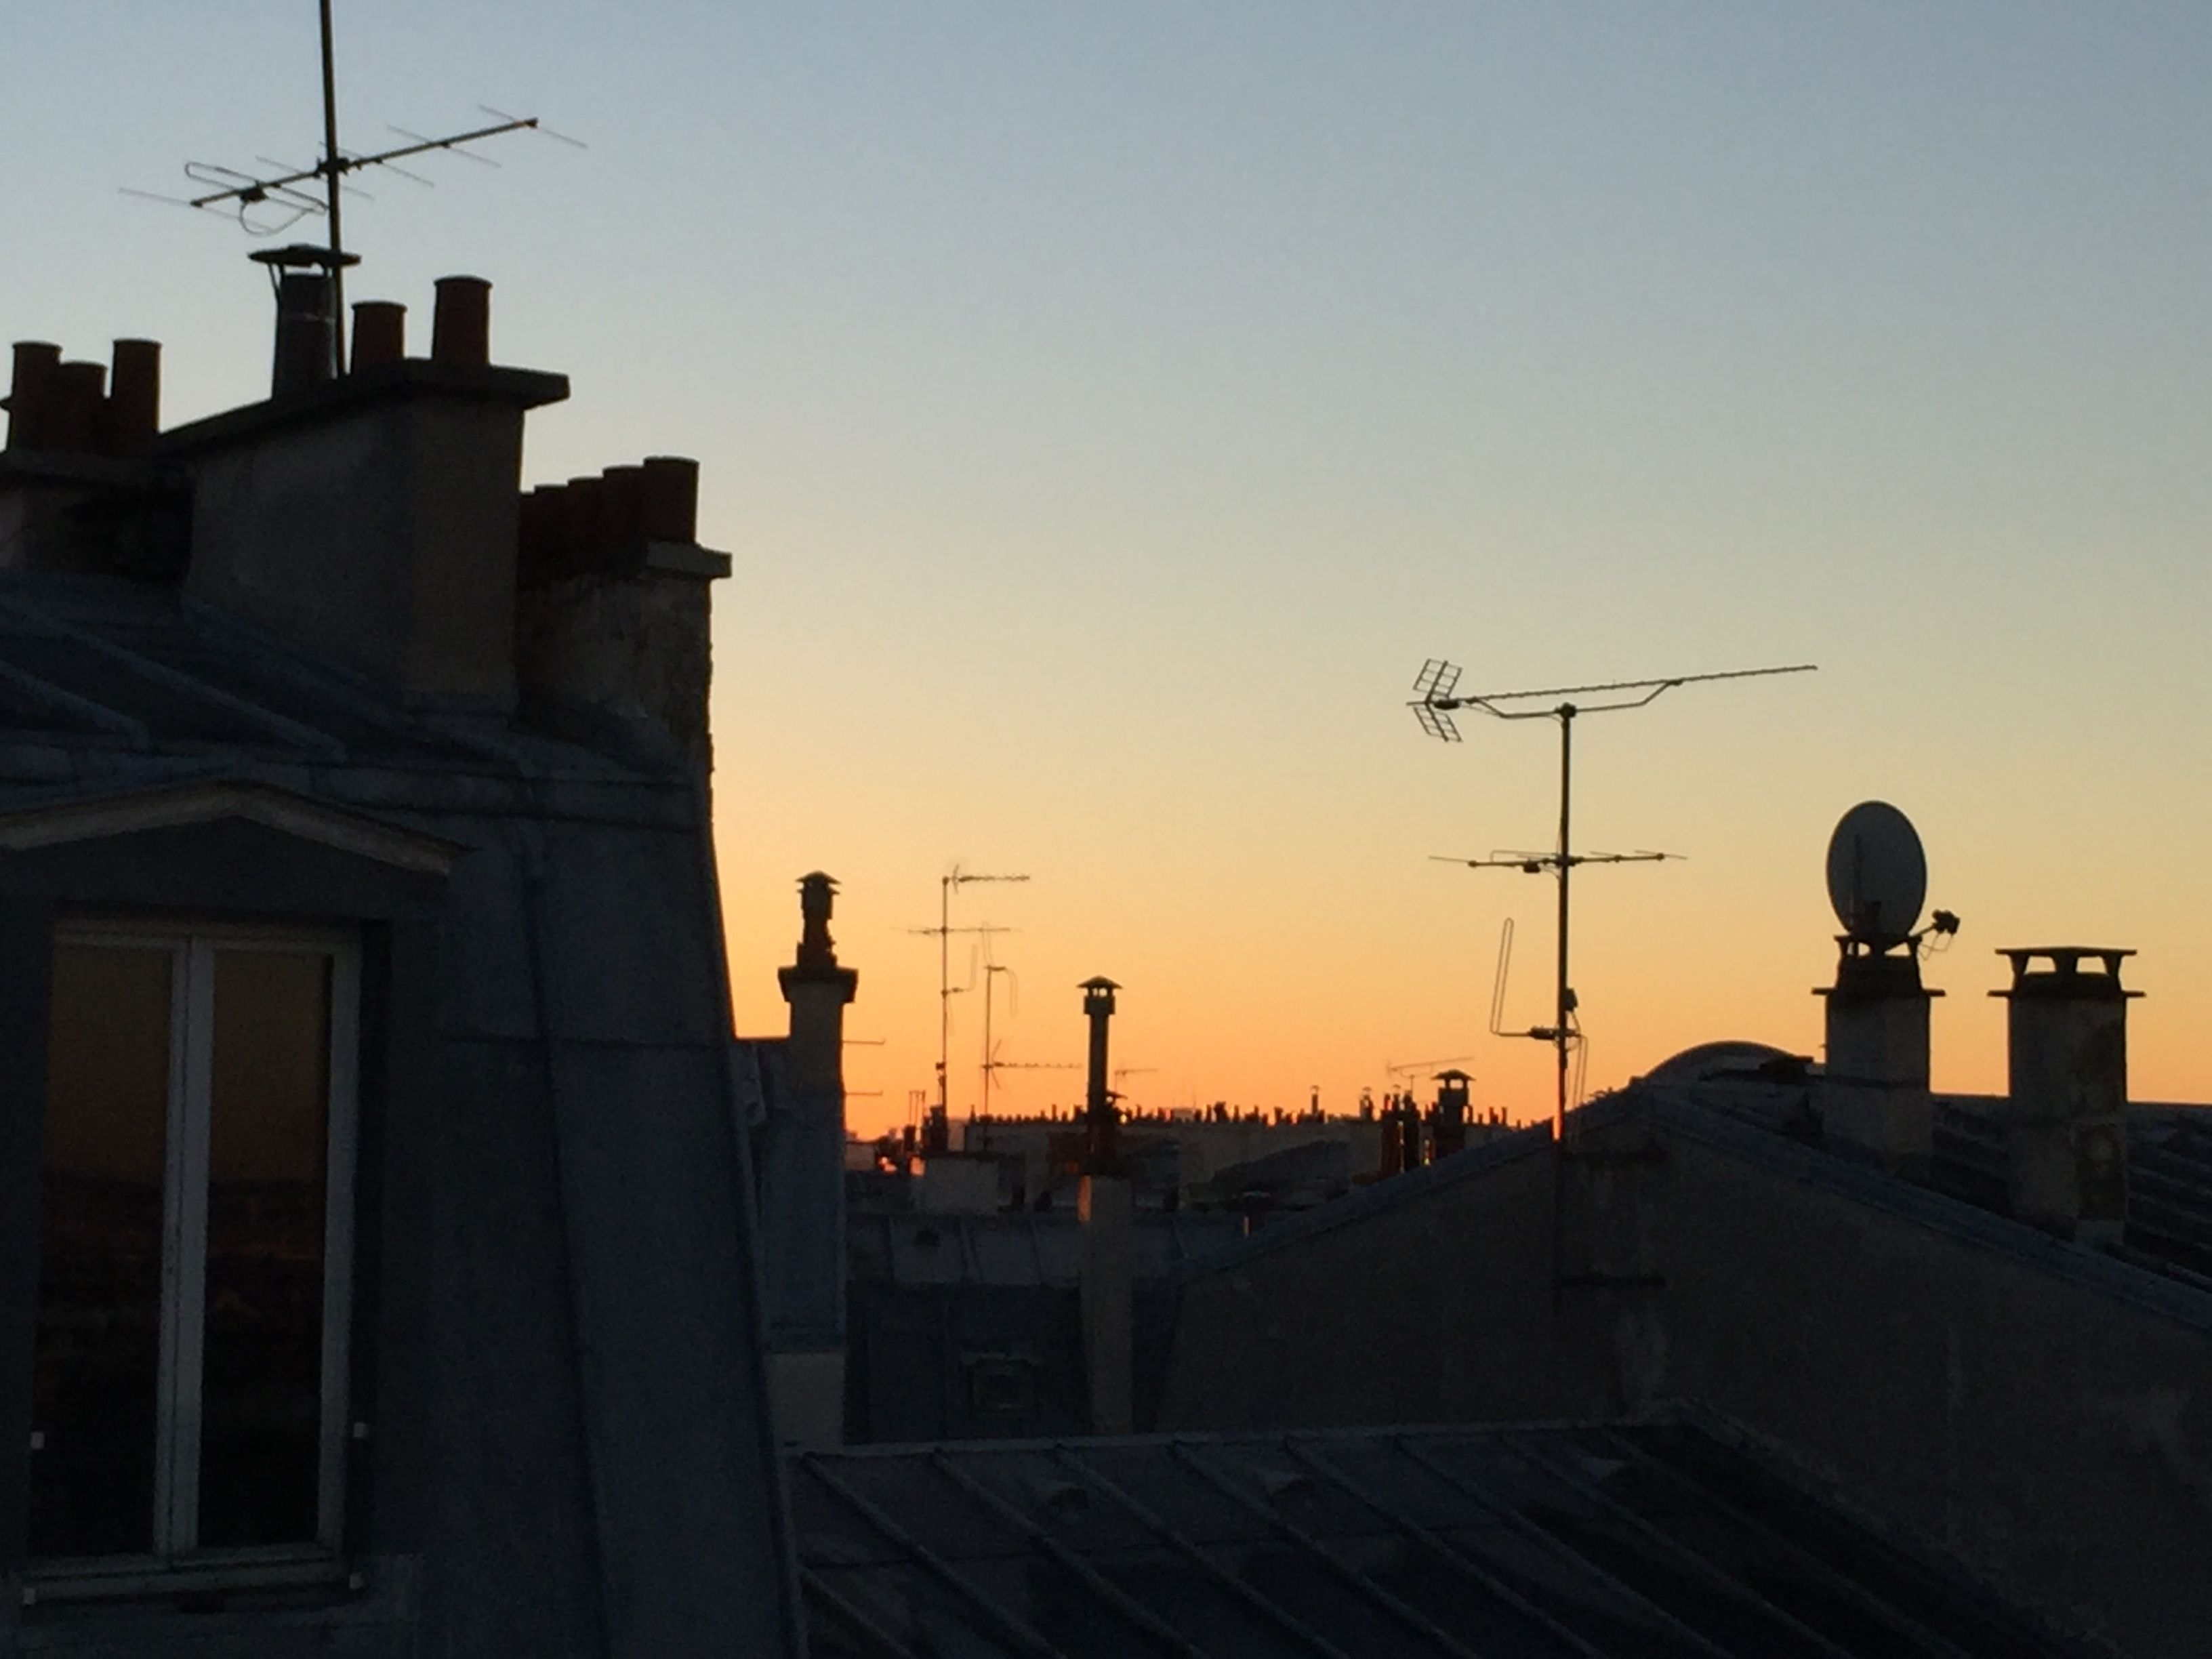 Rooftop Sunrise, Montmartre Arrondissement, Paris, France